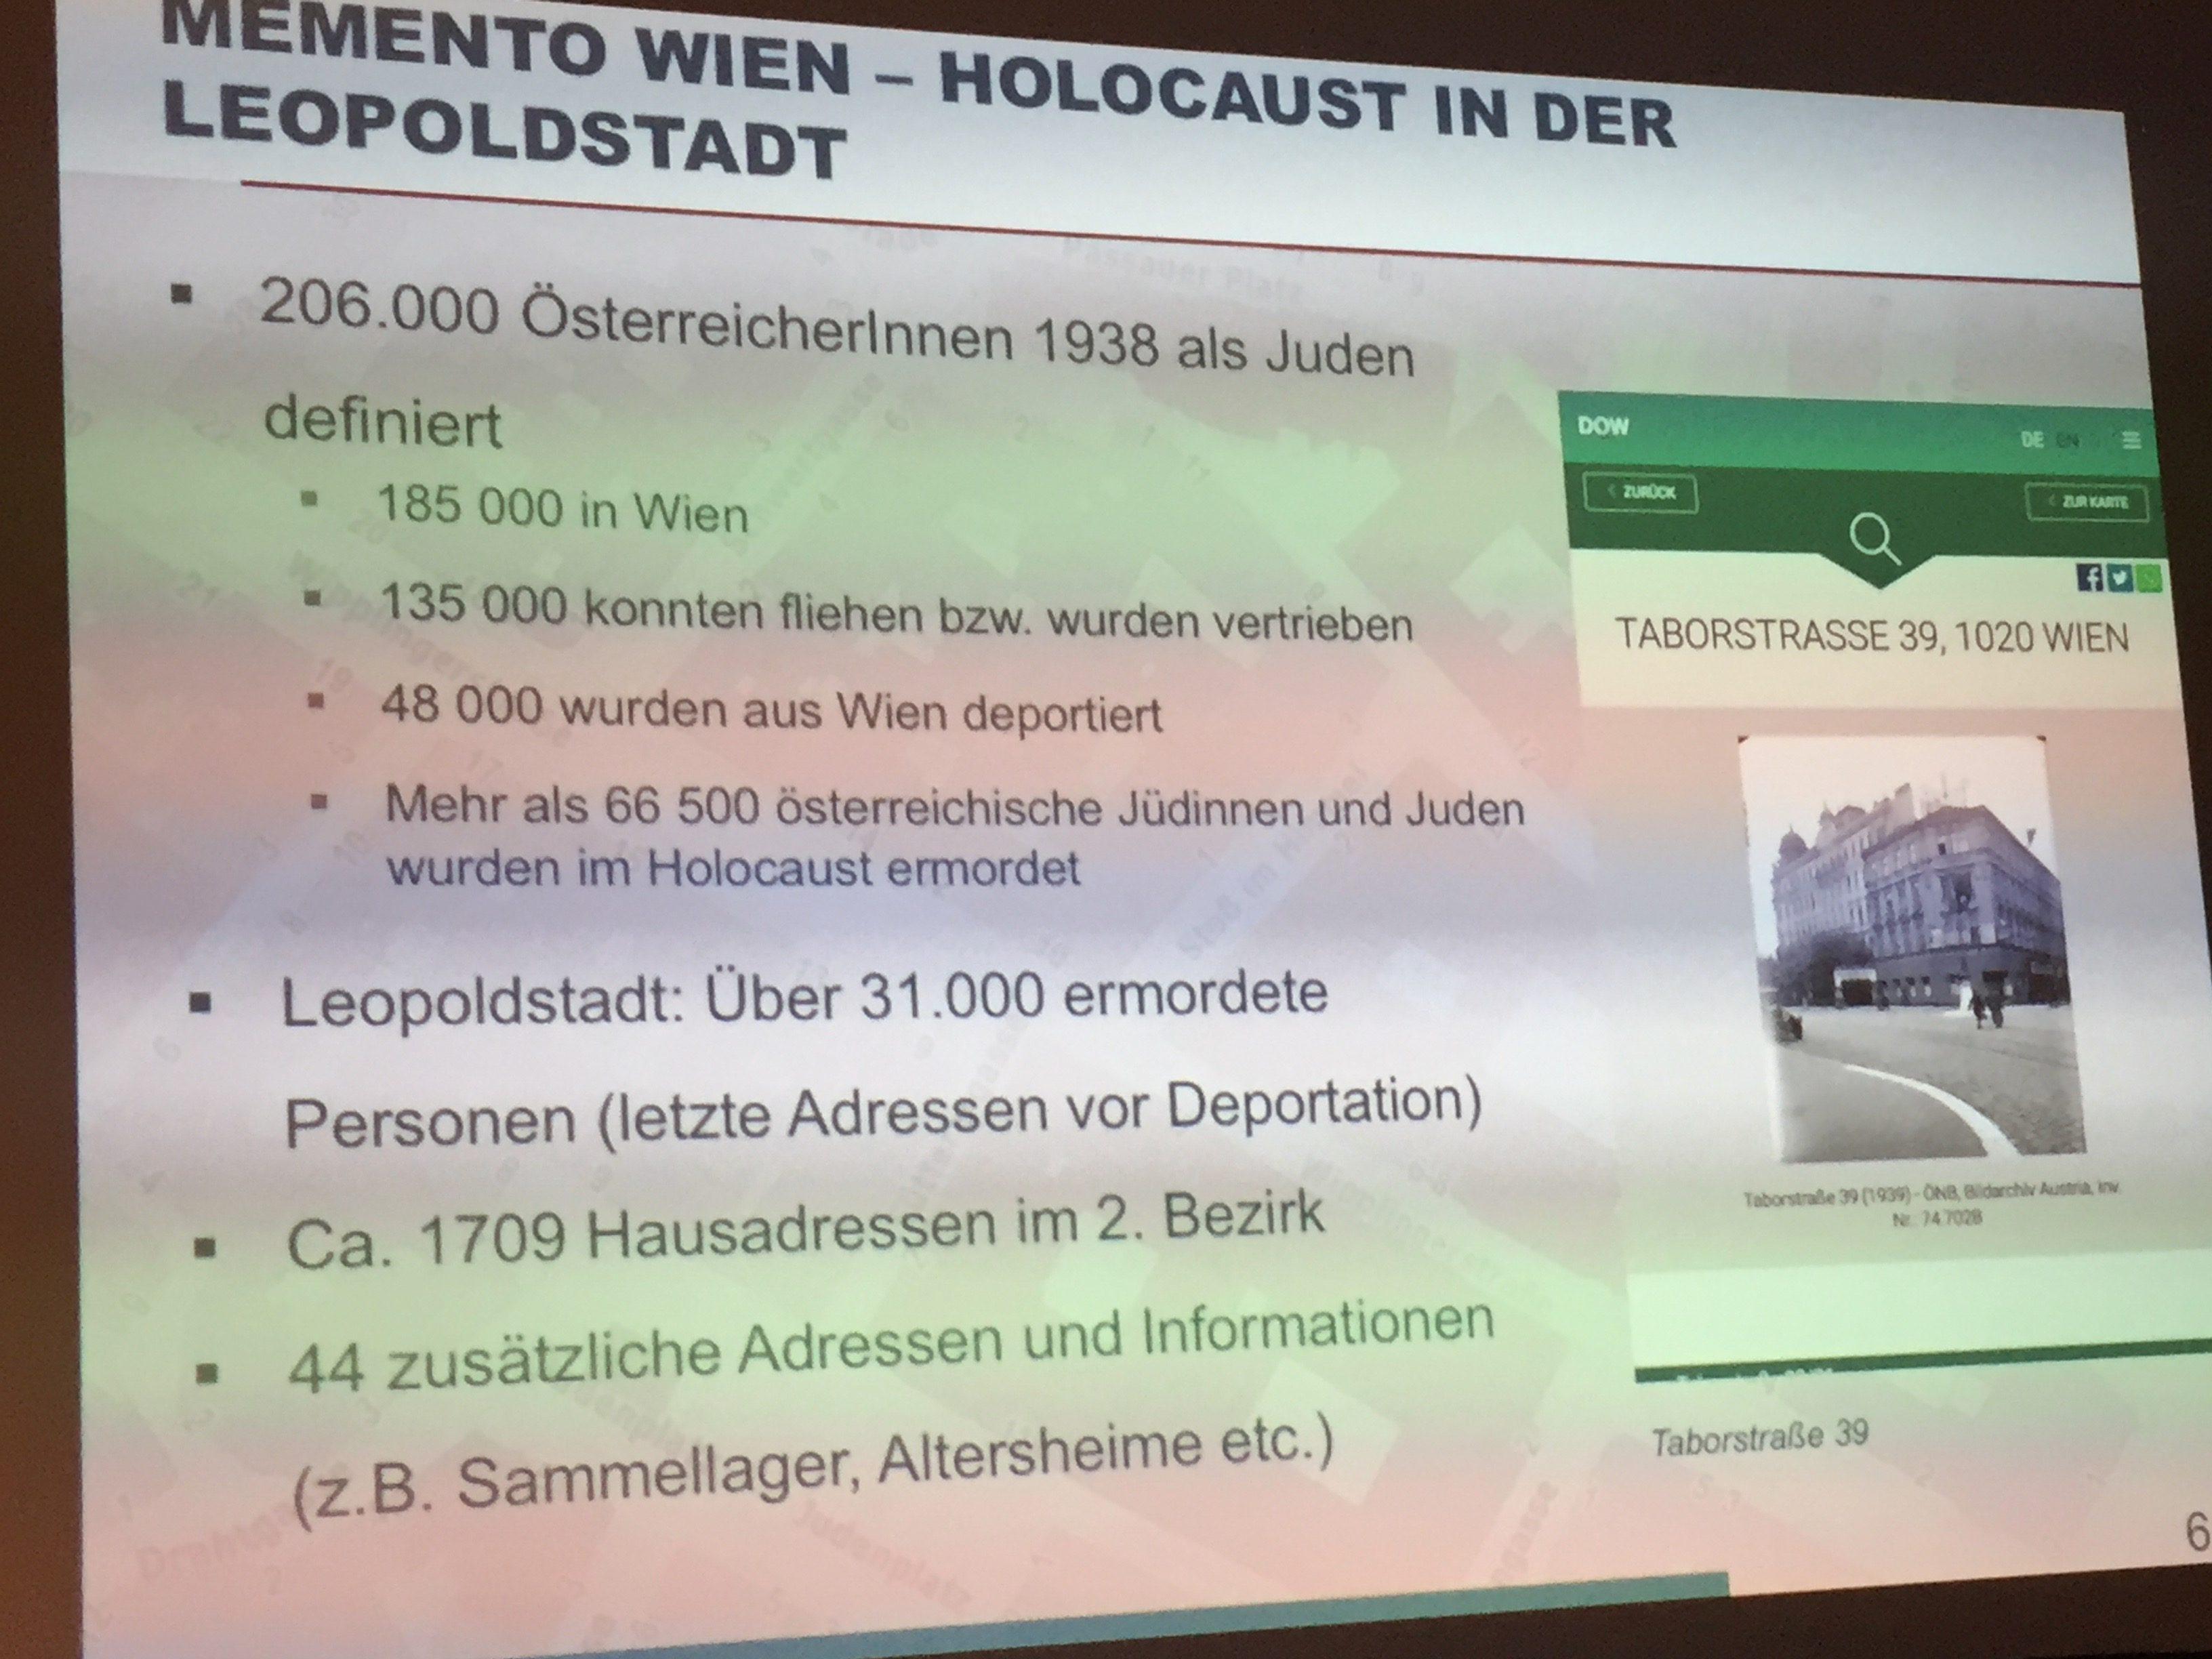 Memento Wien: Der Holocaust in der Leopoldstadt